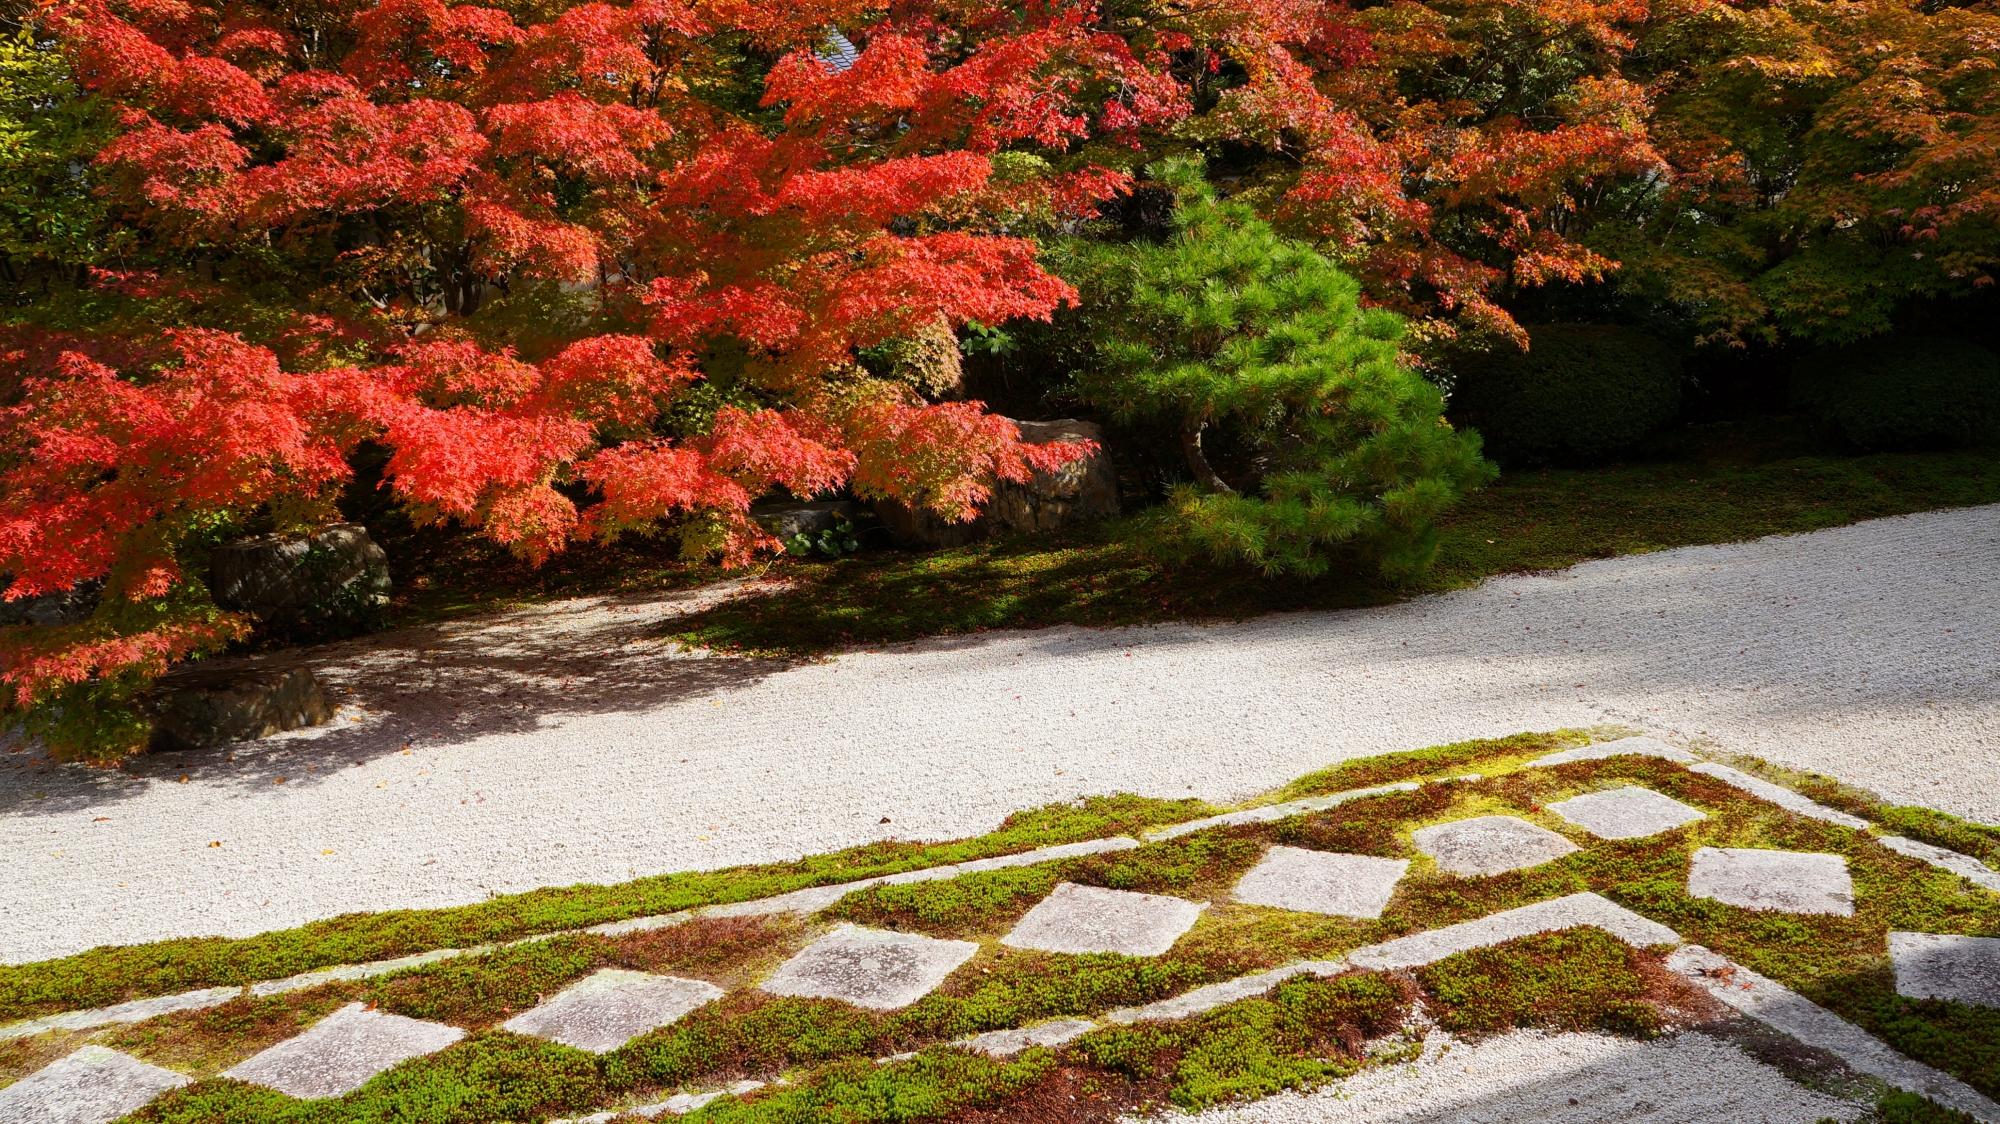 鮮やかな紅葉に彩られた菱形の飛び石の参道